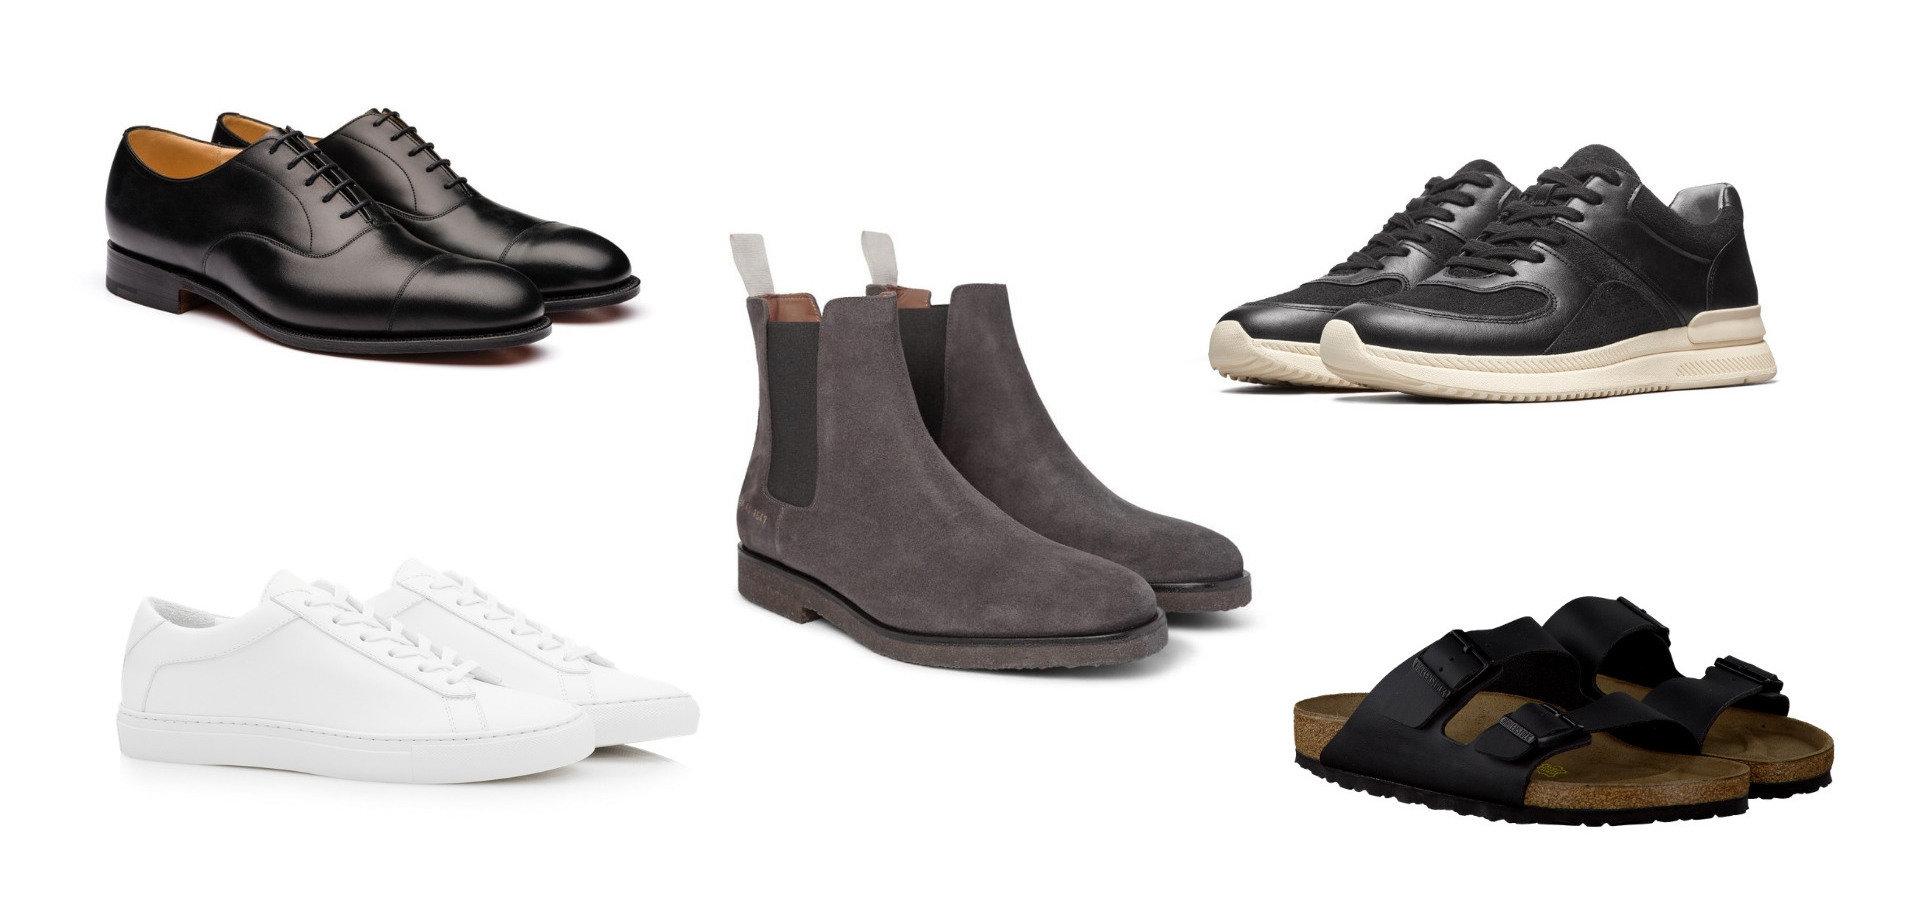 Minimalist shoe collection - urban warrior